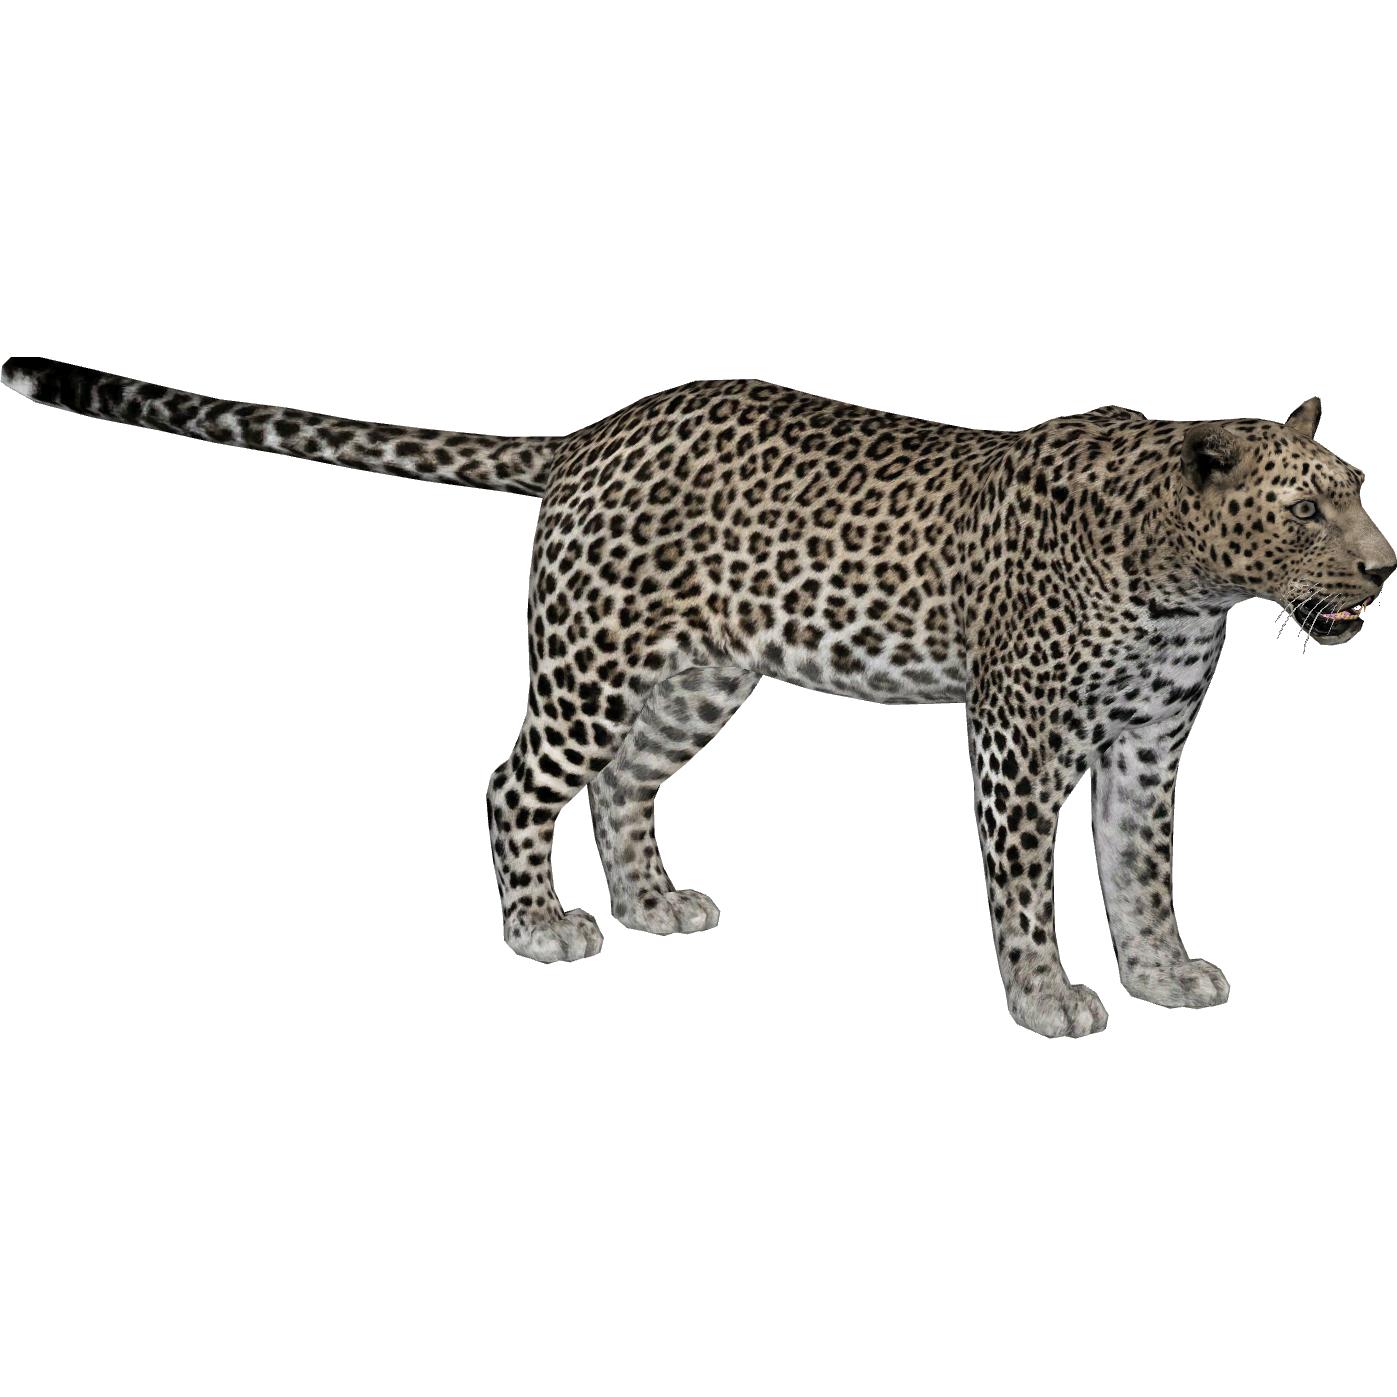 zt2 leopard